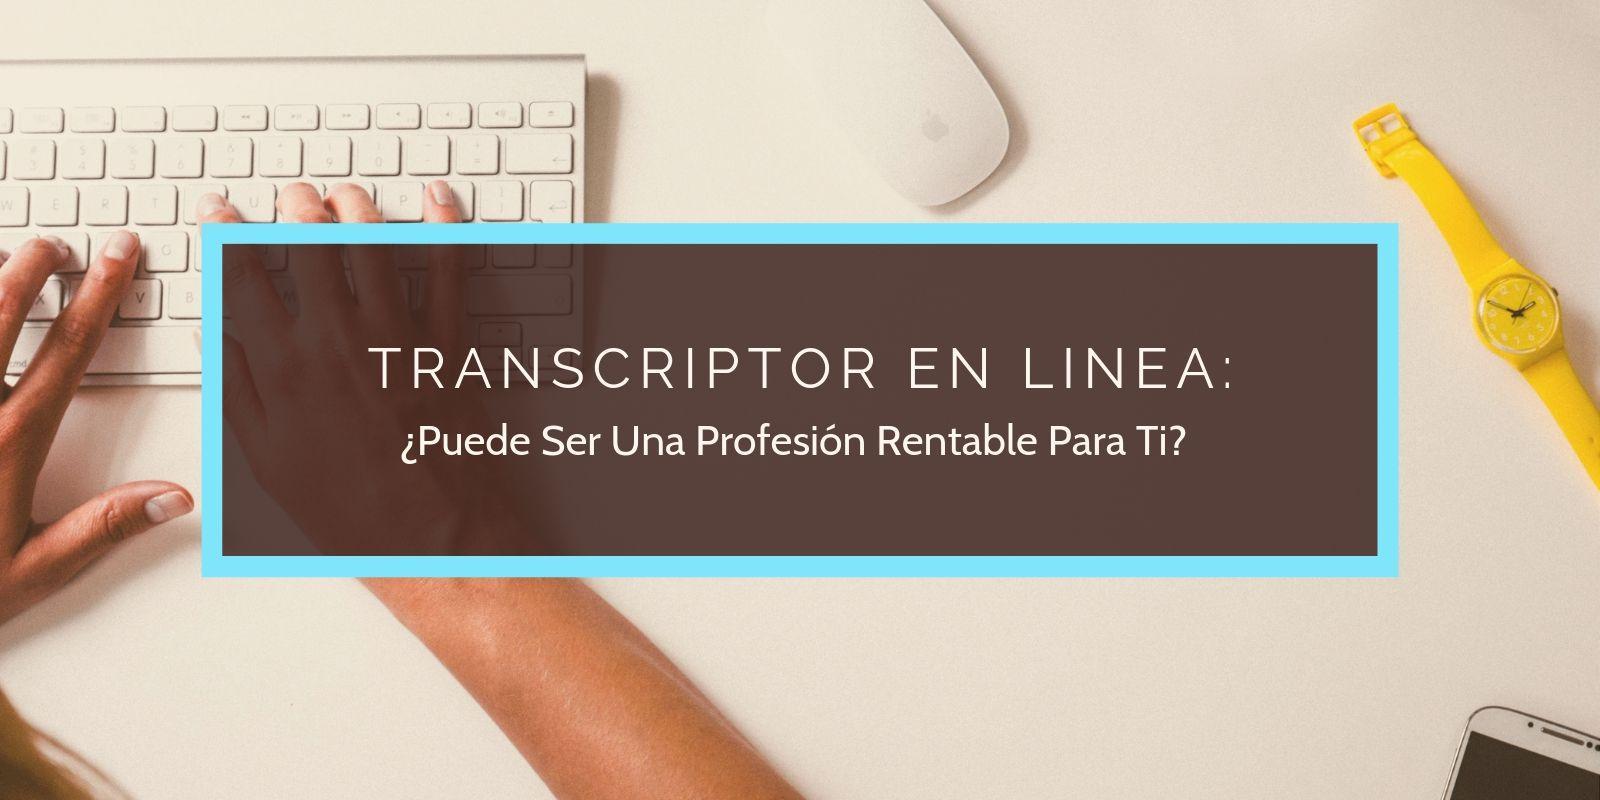 transcritor en linea